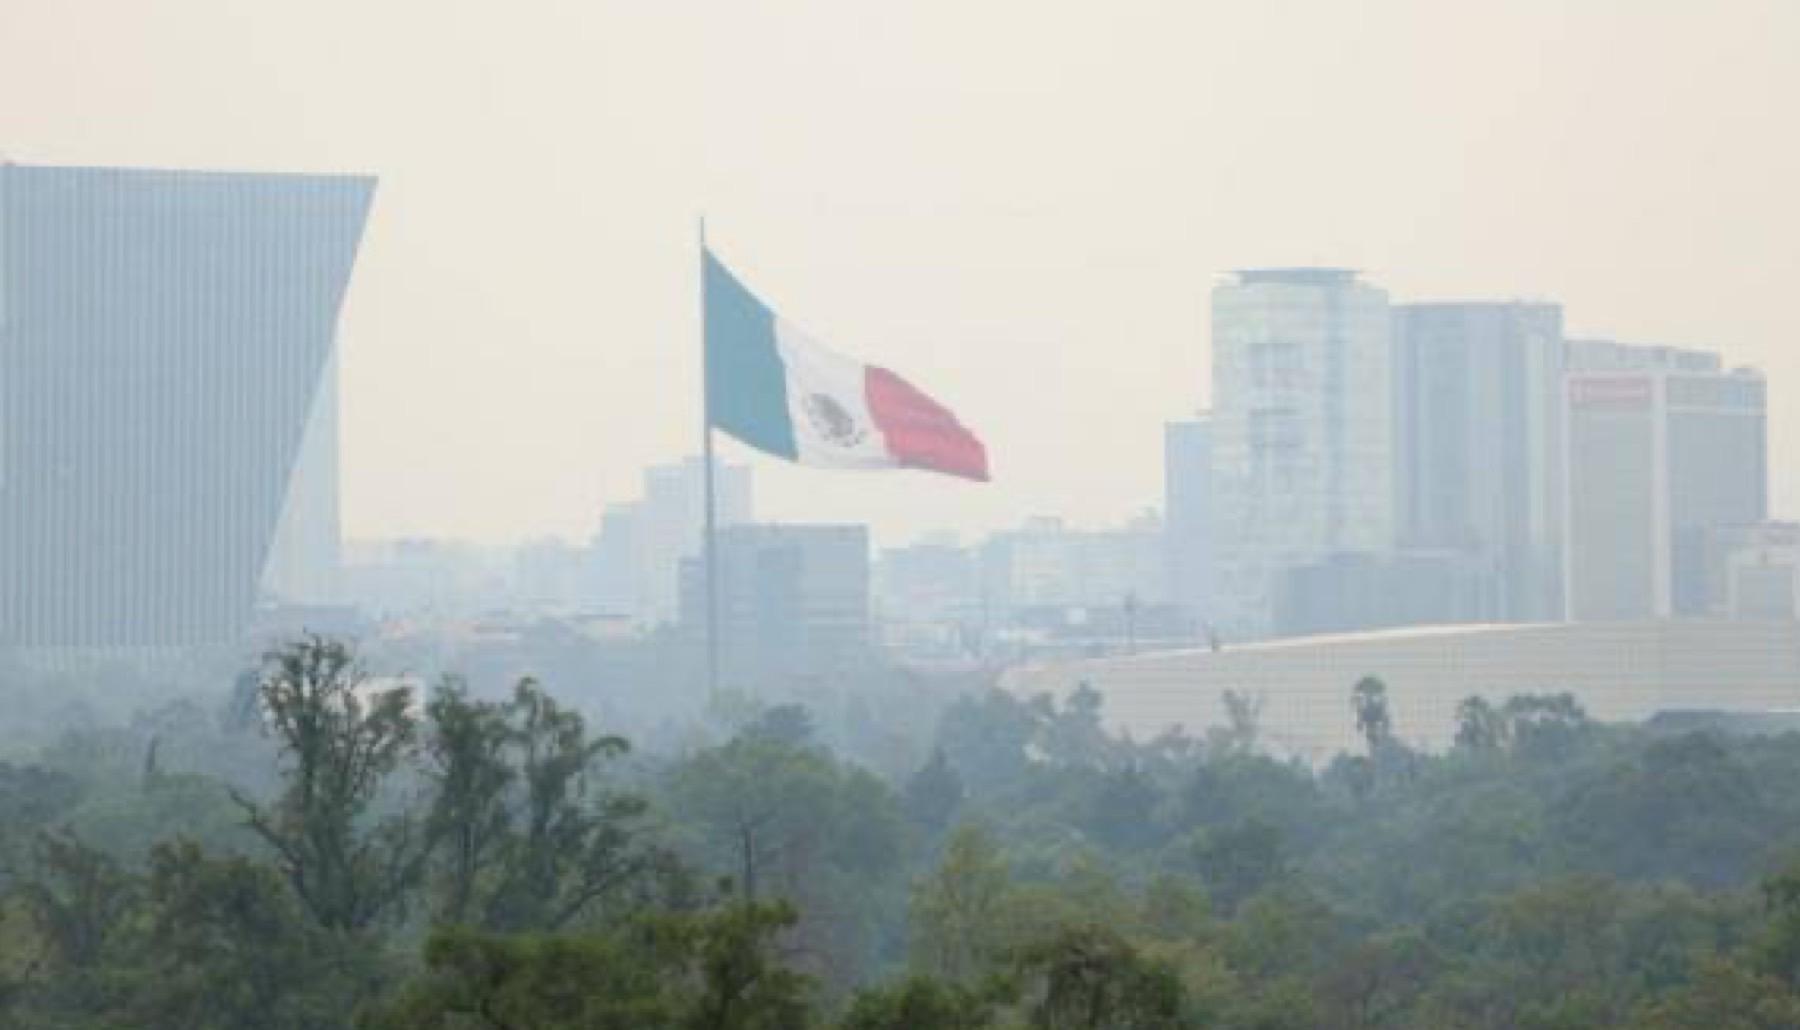 La ciudad de México con altos niveles de contaminación